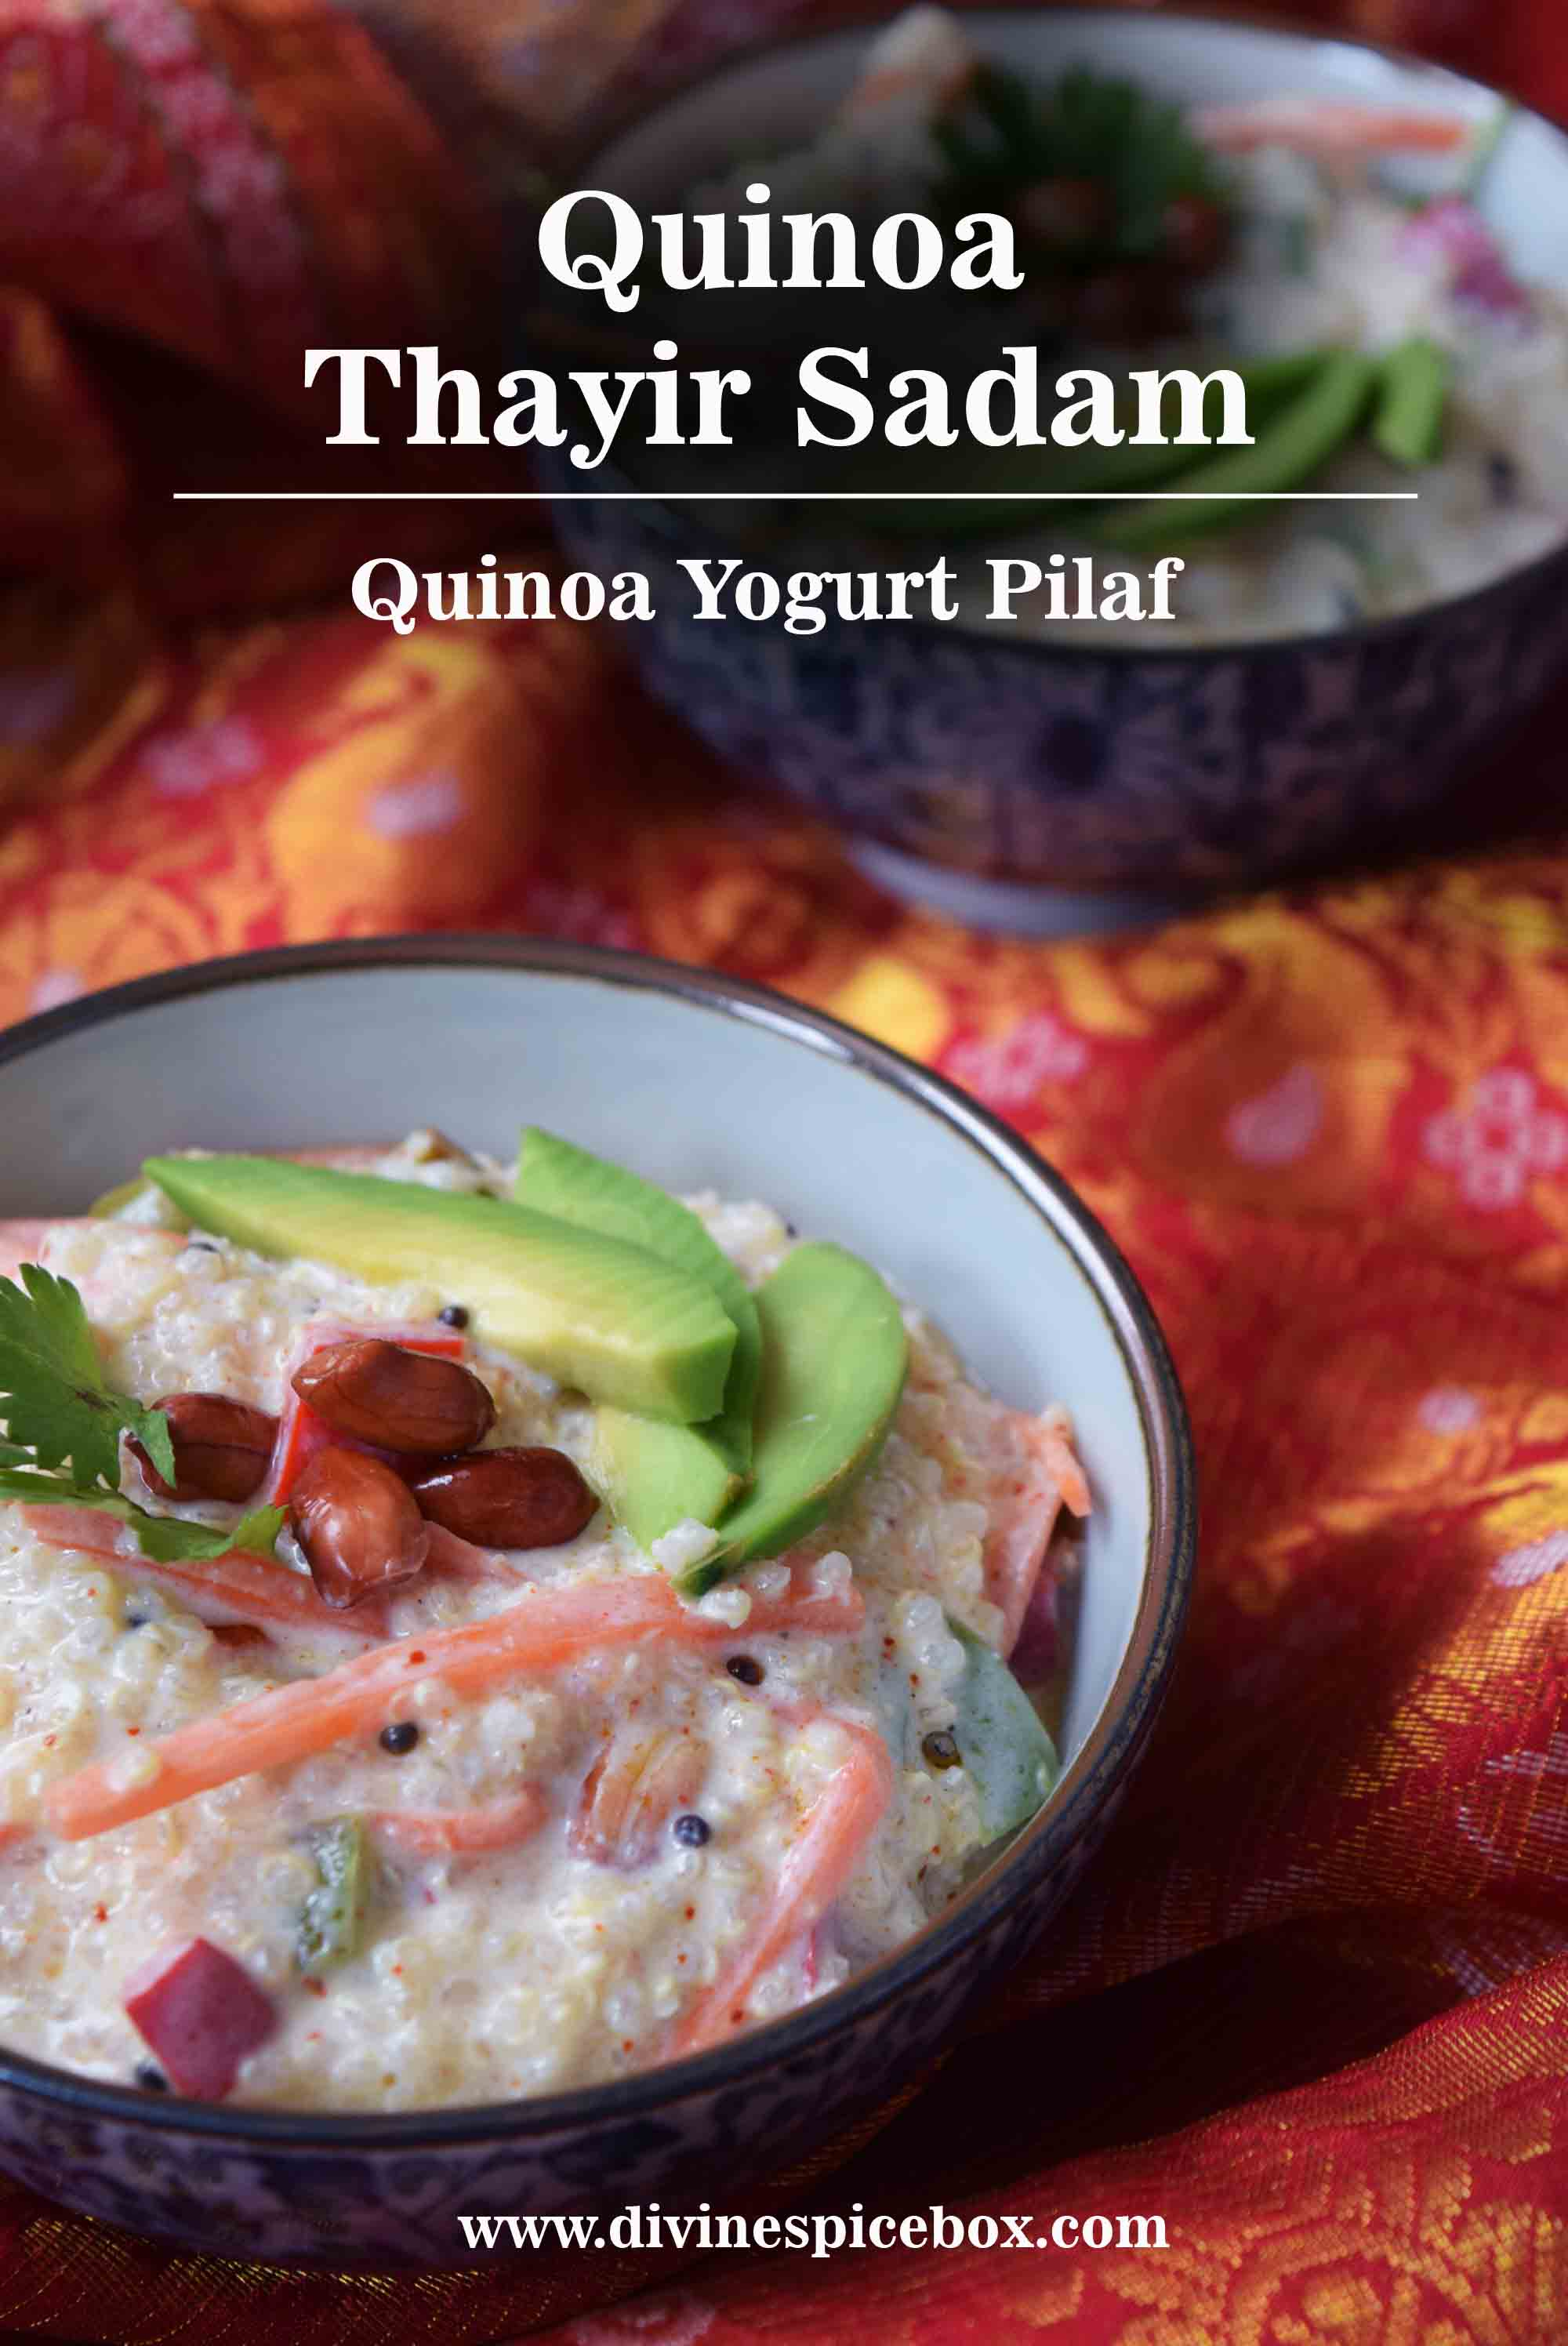 Quinoa Thayir Sadam - Quinoa Yogurt Pilaf